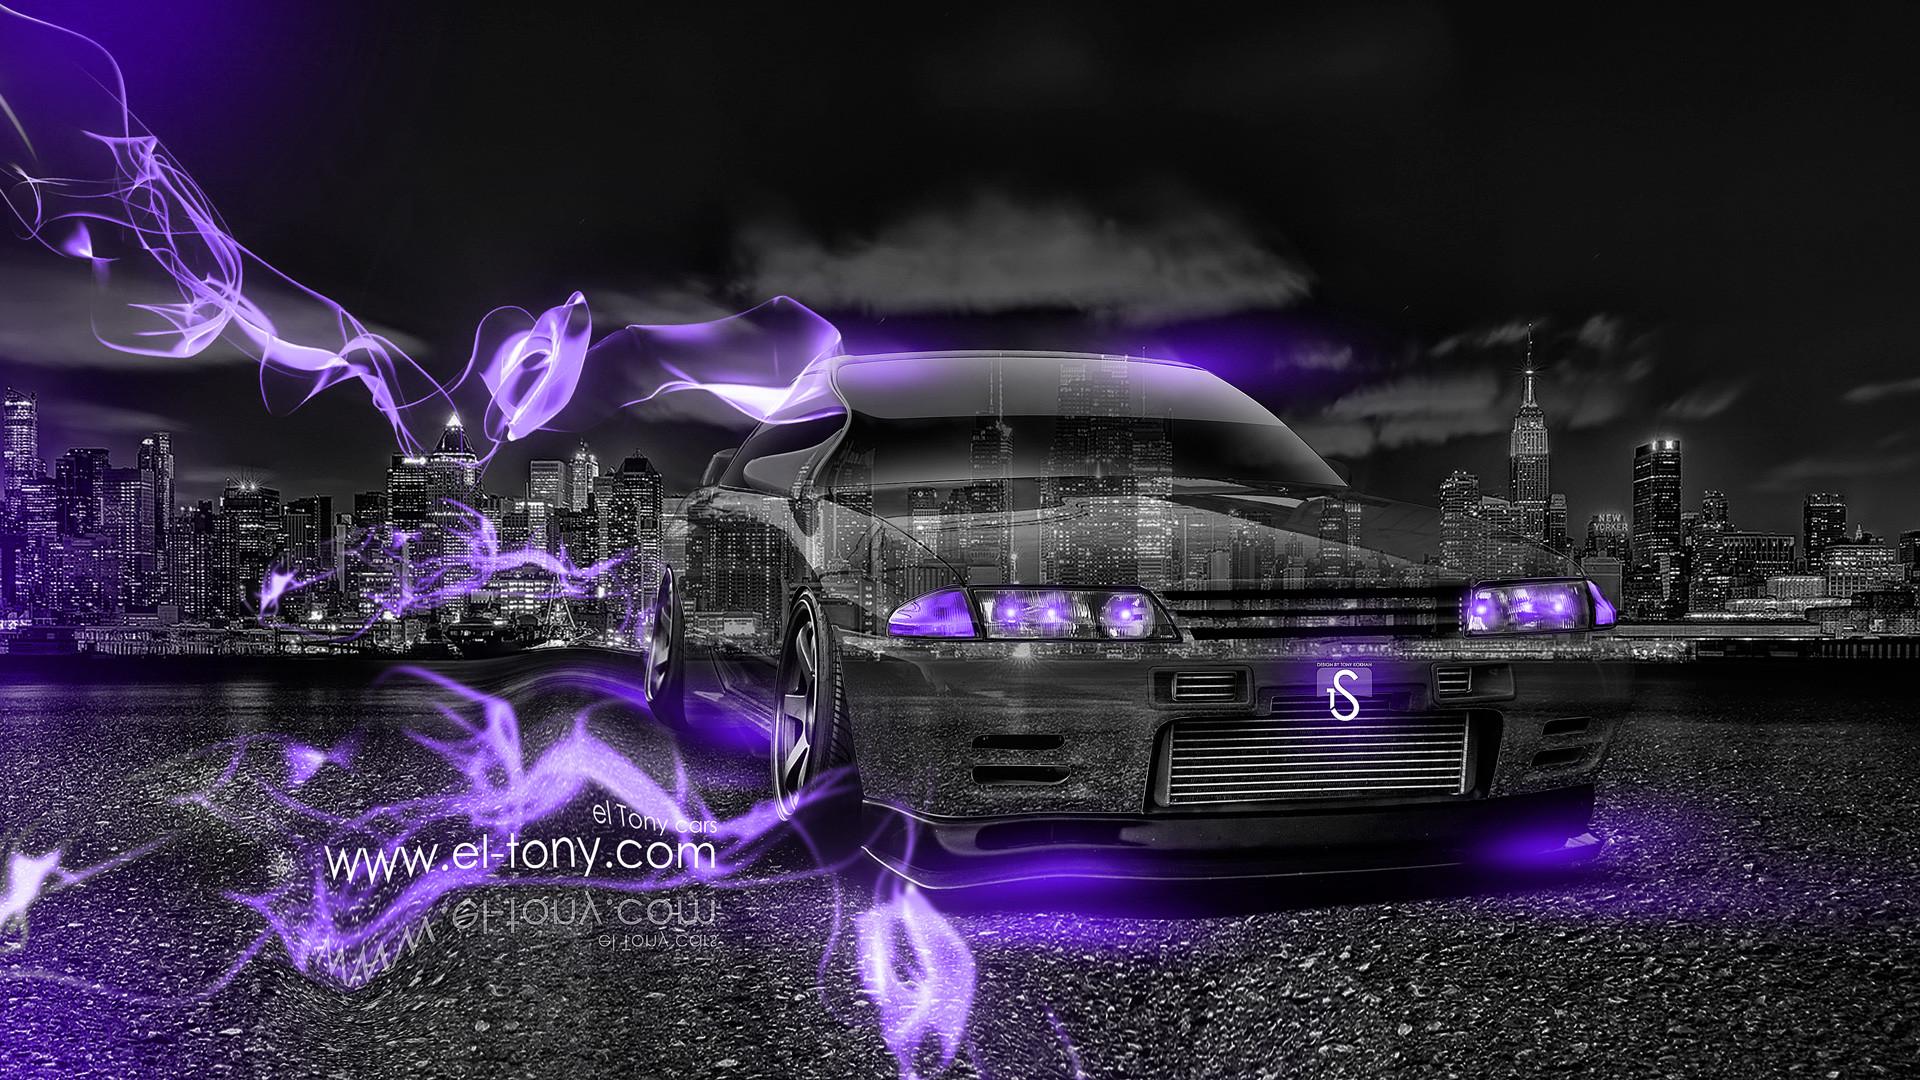 Nissan-Skyline-GTR-R32-Sky-Violet-Energy-Crystal-